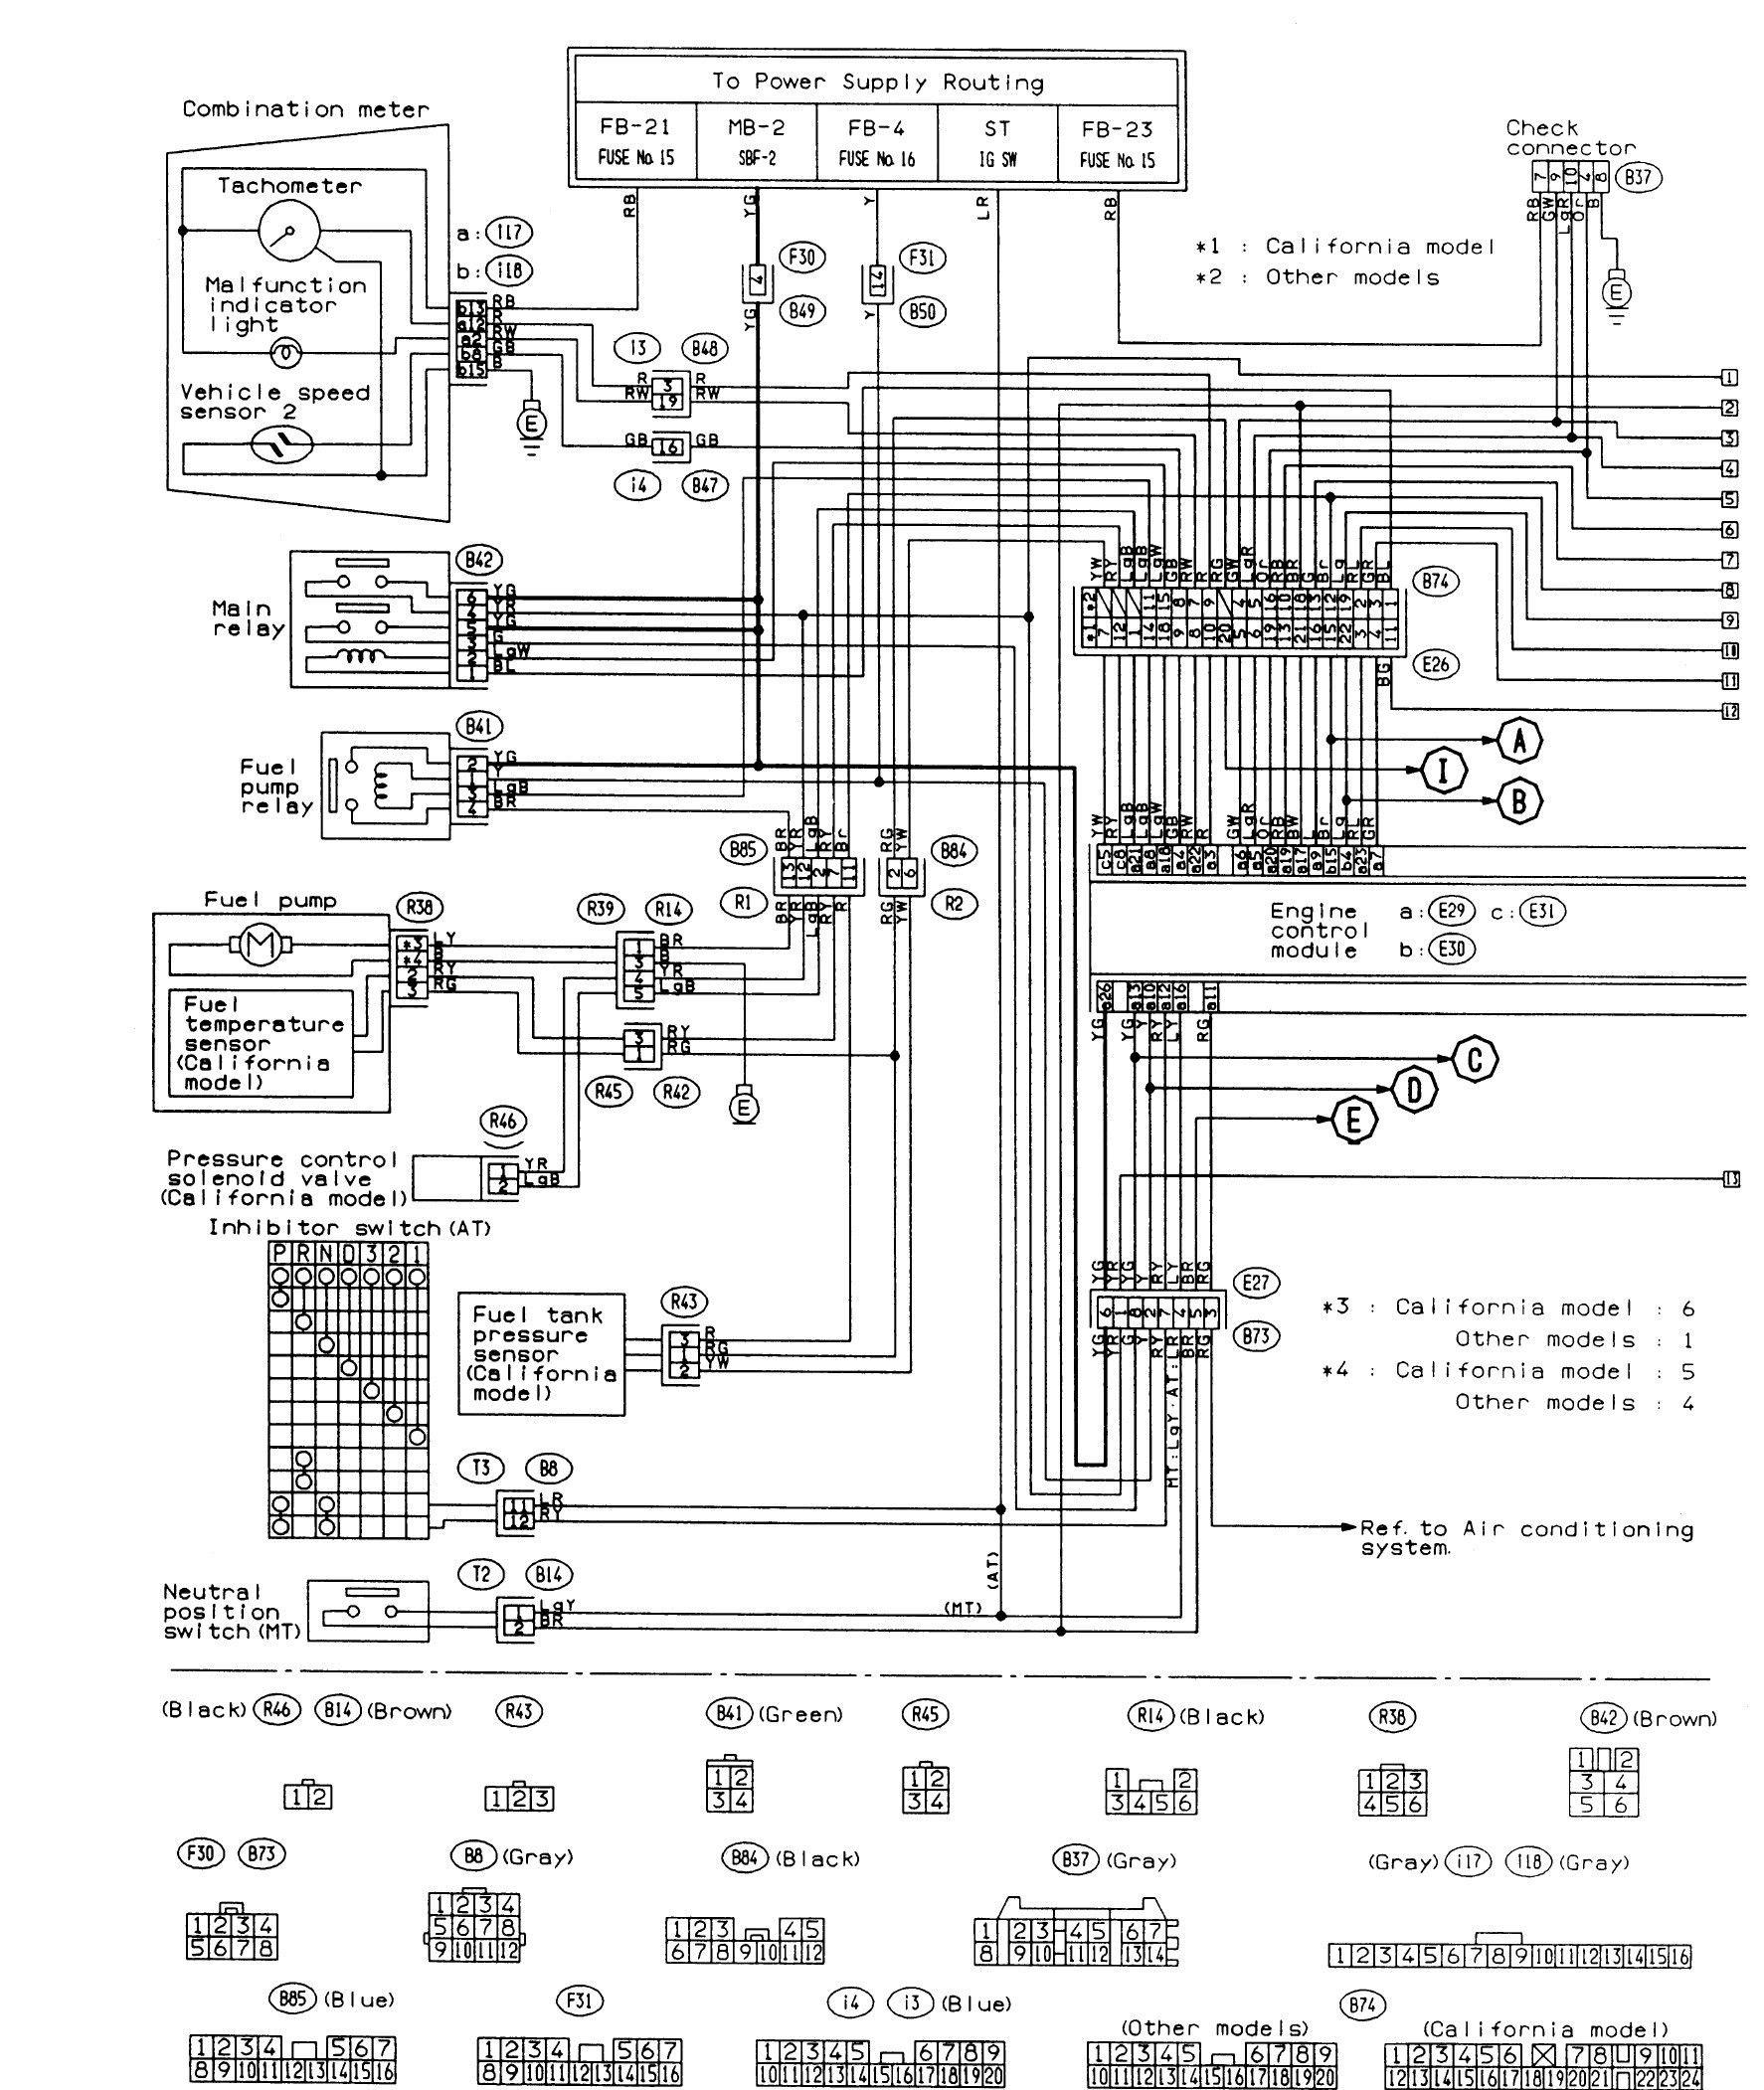 Awesome Td42 Alternator Wiring Diagram Diagrams Digramssample Diagramimages Wiringdiagramsample Wiringdiagram Subaru Impreza Electrical Diagram Subaru